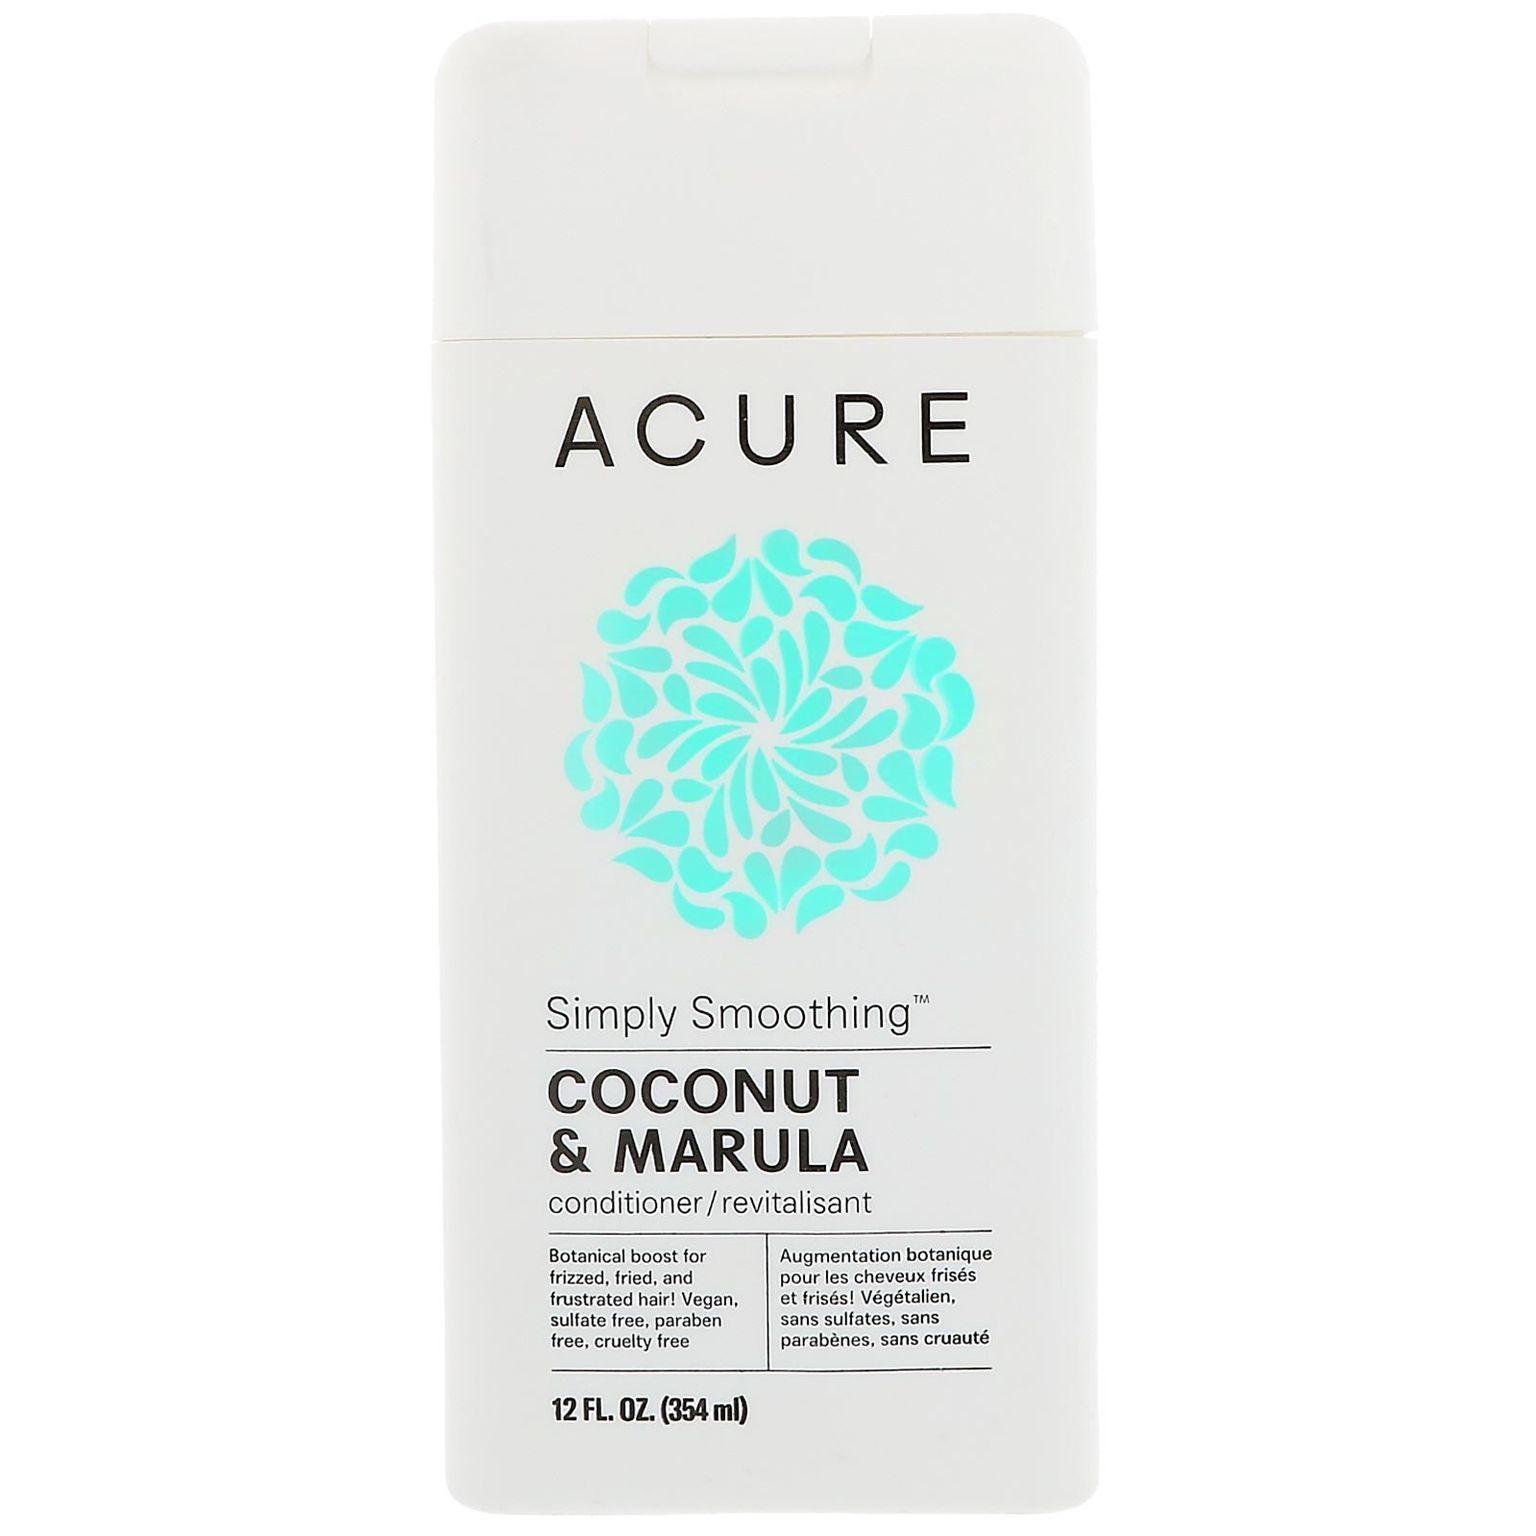 Simply Smoothing Coconut & Marula Conditioner